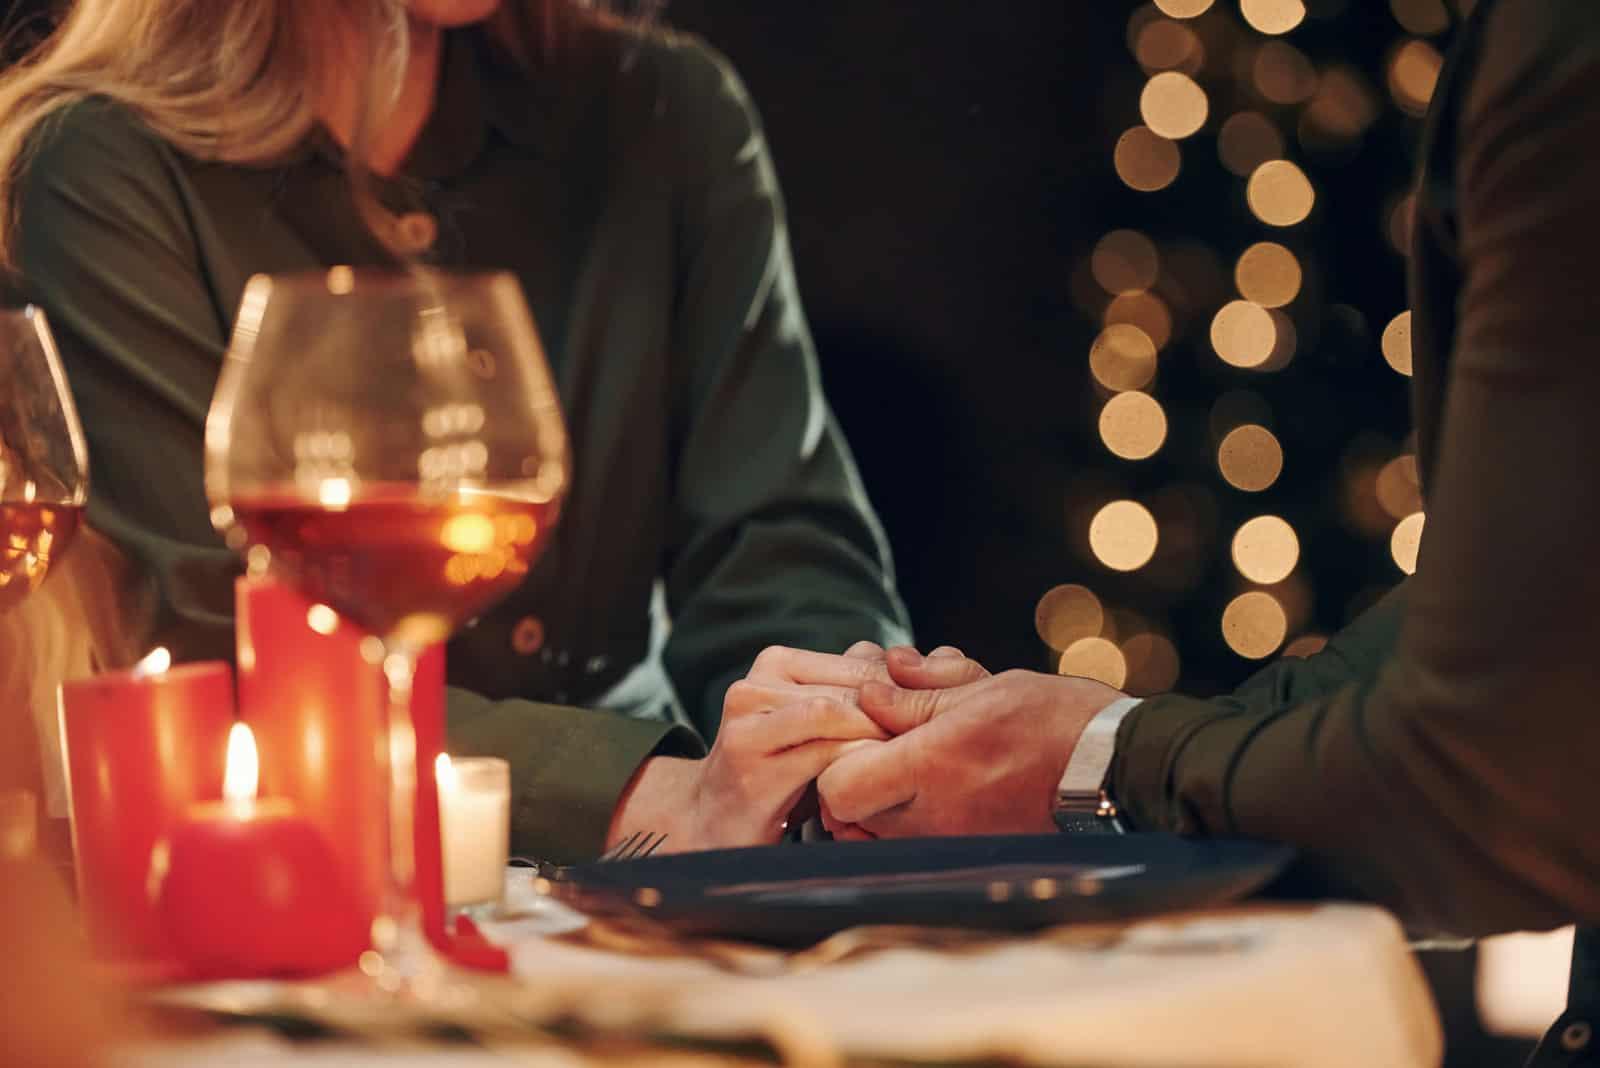 un homme et une femme sont assis à une table et se tiennent la main (2)